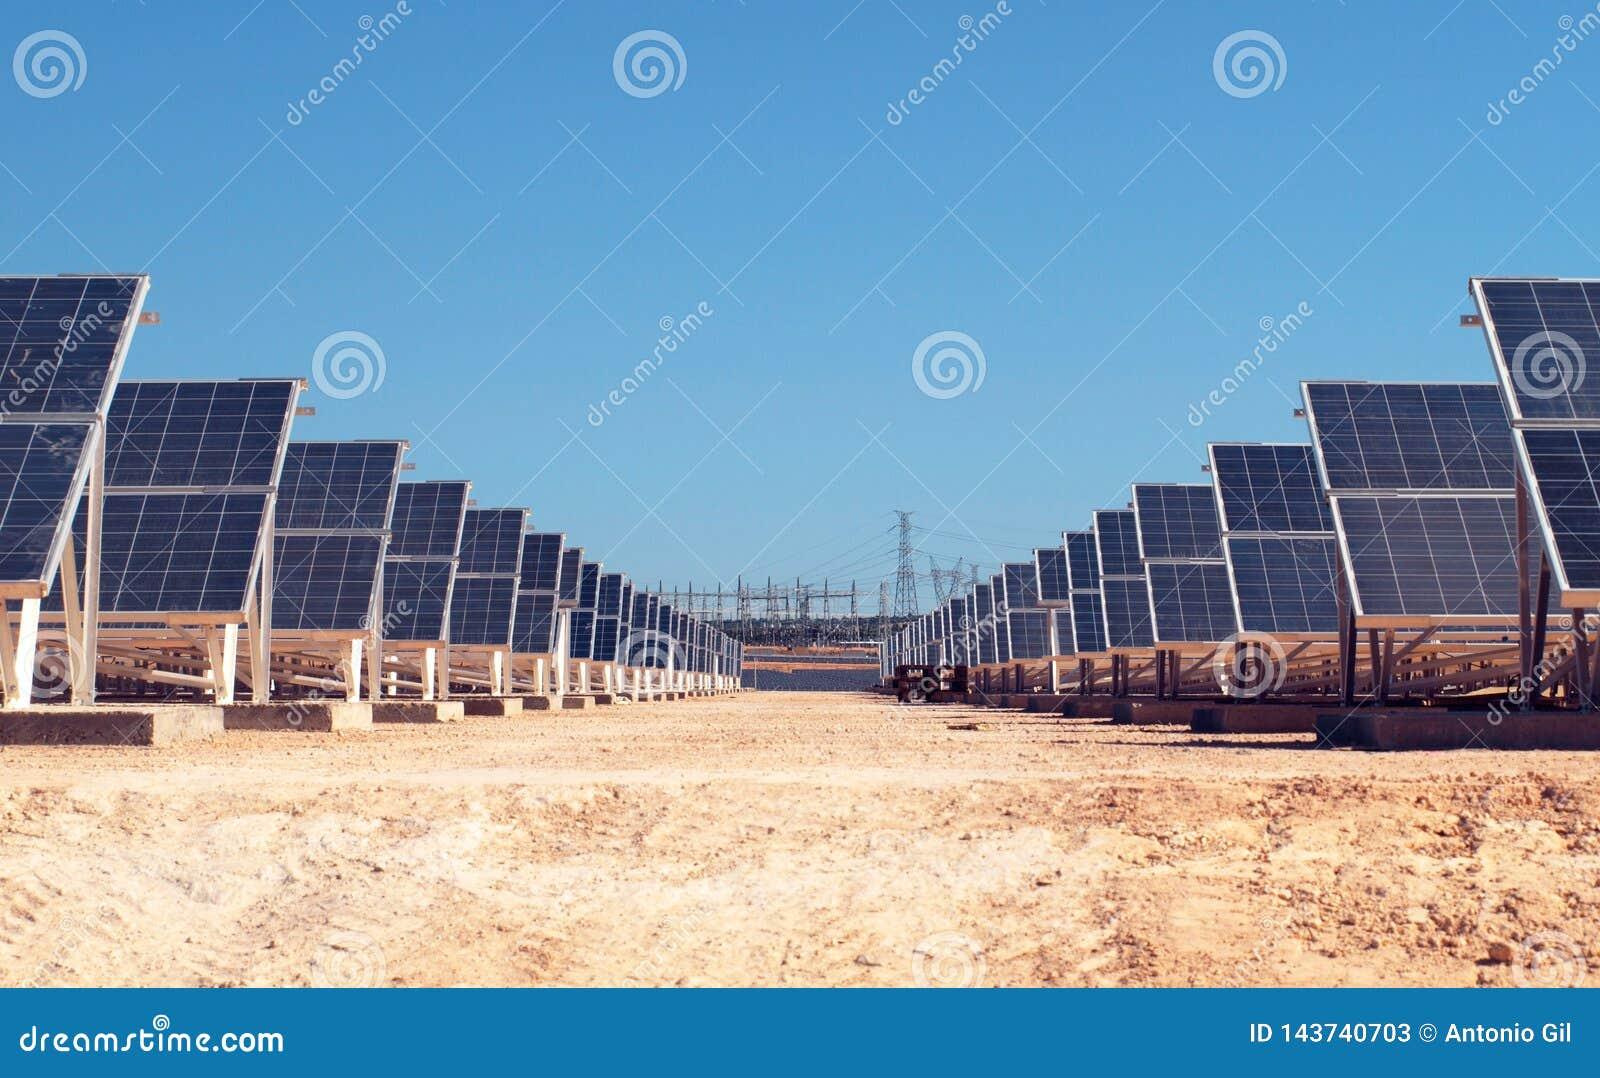 Солнечное поле со станцией электричества на заднем плане